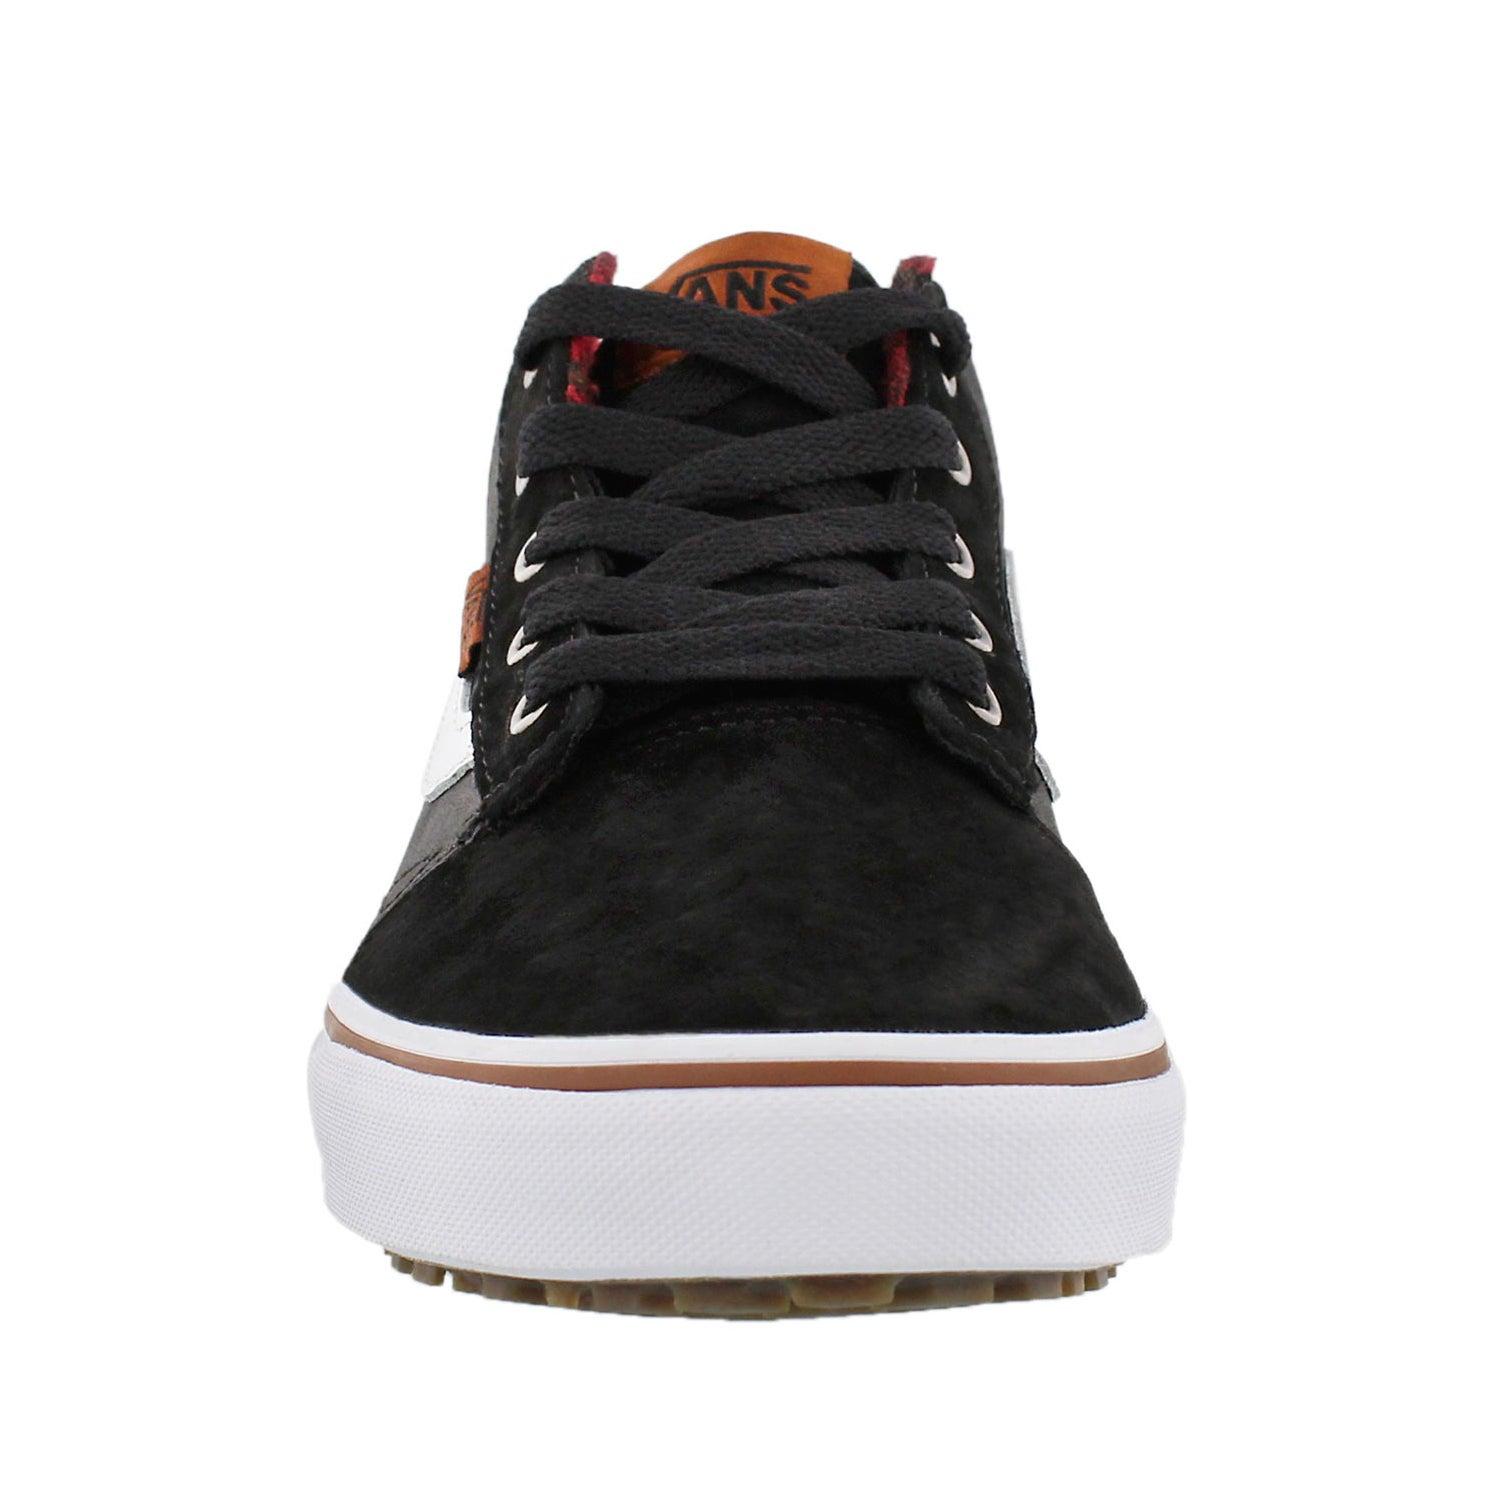 Mns Chapman Mid Mte black/bungee sneaker